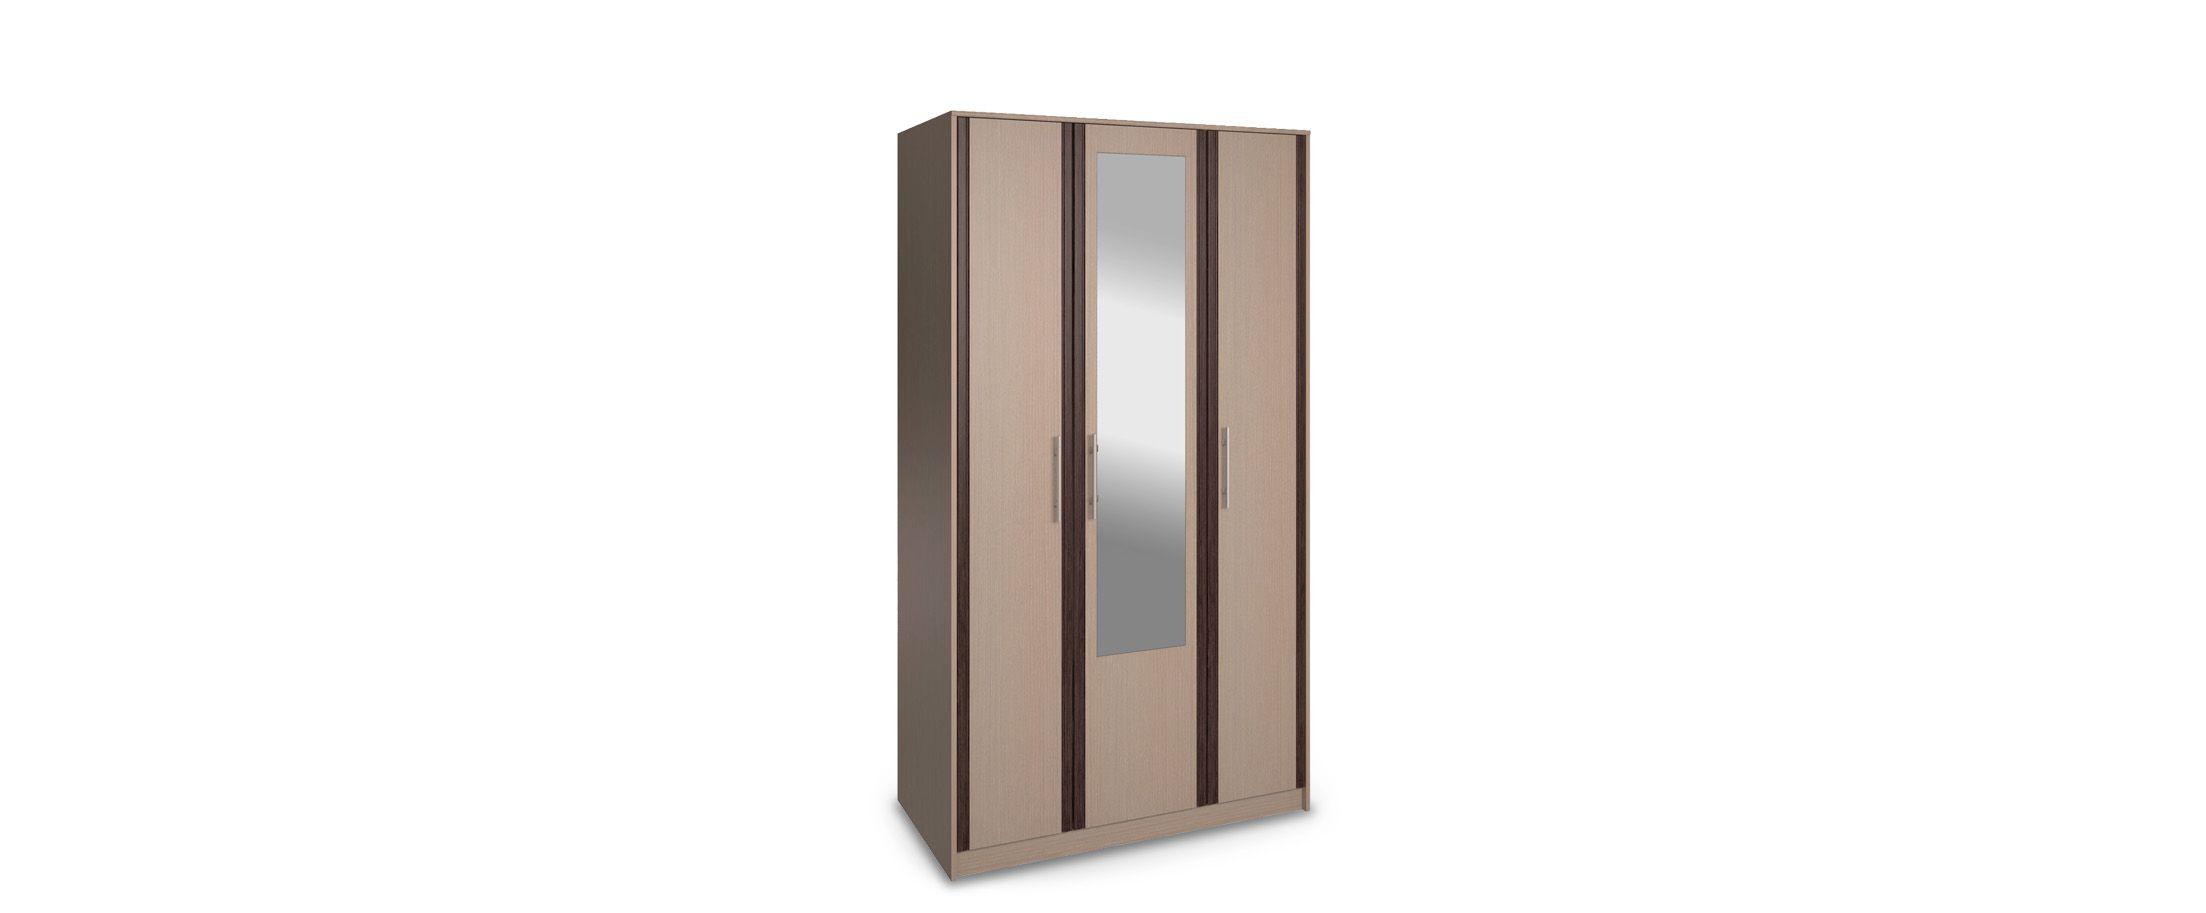 Шкаф 3-дверный с зеркалом НовеллаШкаф 3-дверный с зеркалом Новелла Модель 292. Артикул Ш000077.<br>